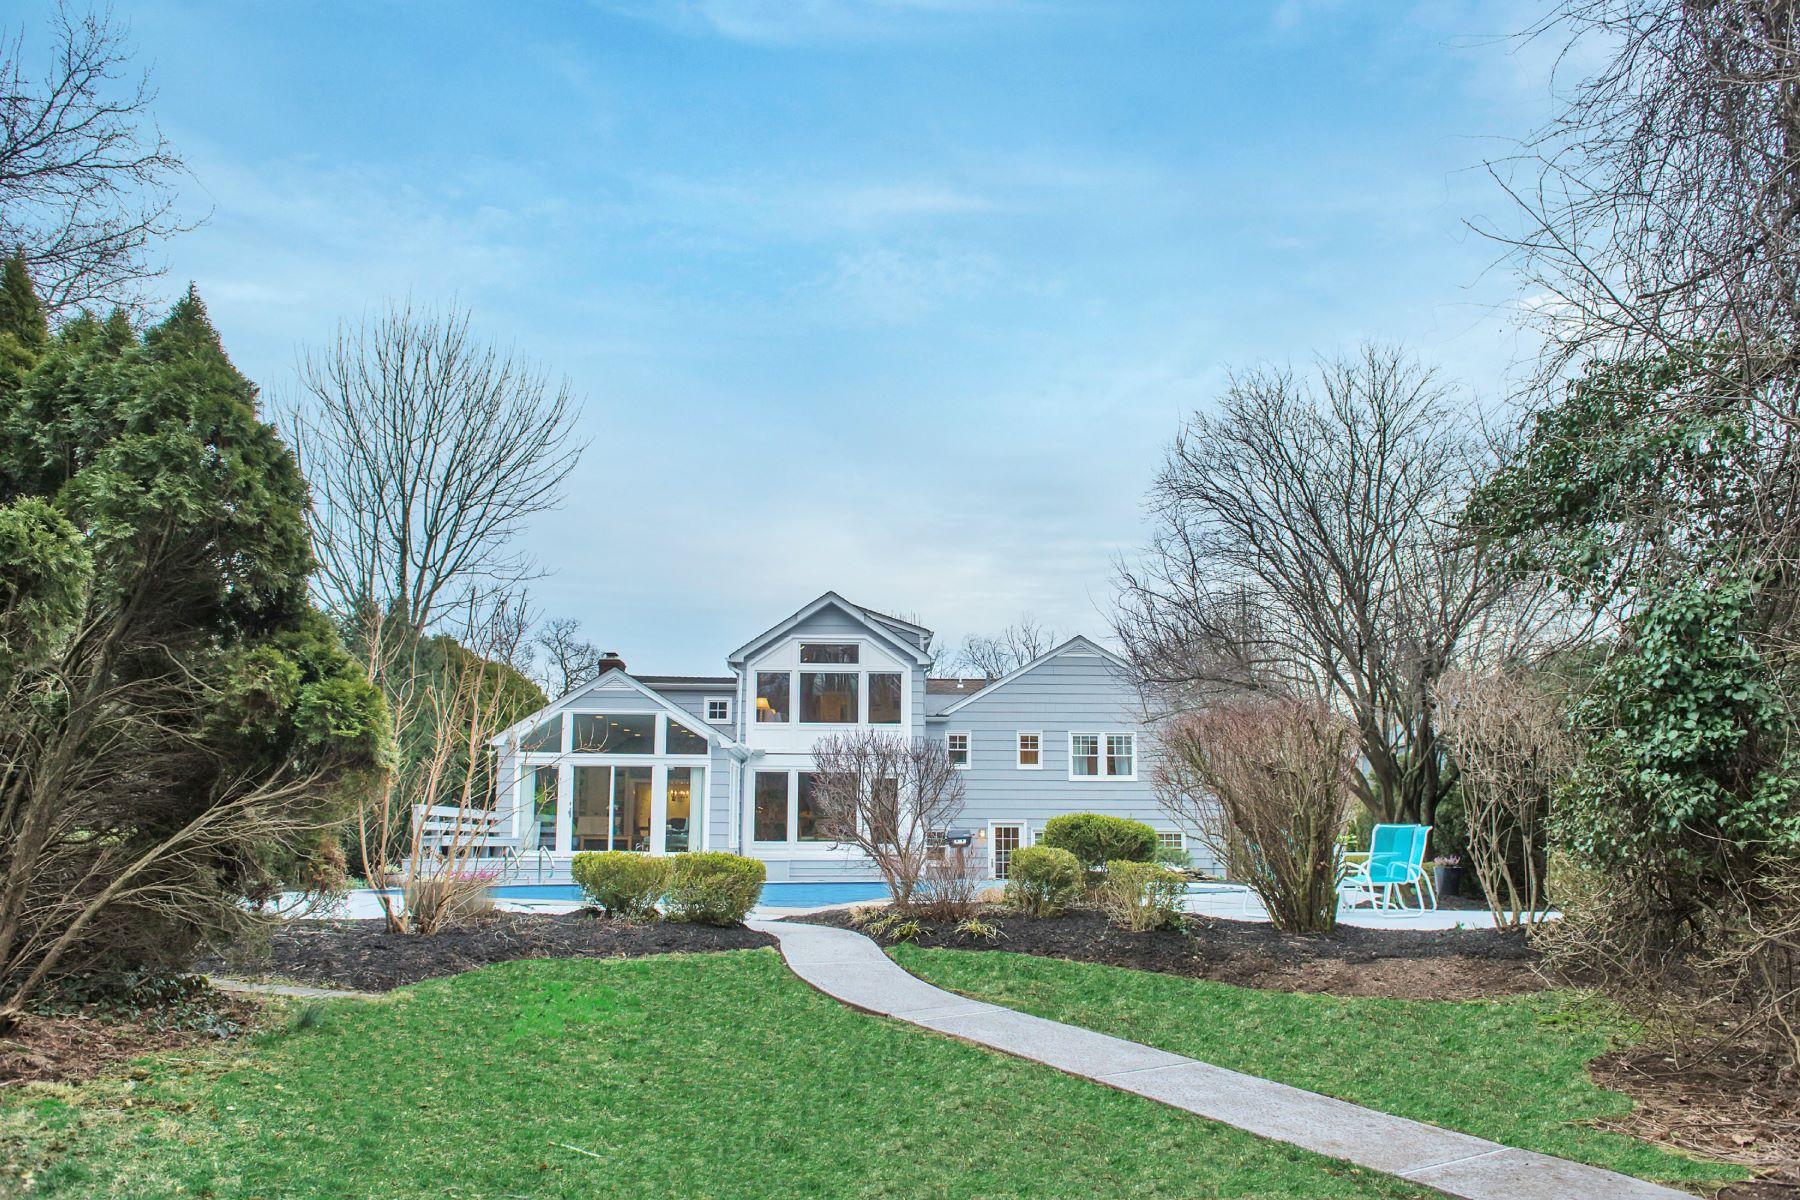 Maison unifamiliale pour l Vente à Sun-filled gem located a few blocks to everything. 81 Hillside Avenue Short Hills, New Jersey 07078 États-Unis